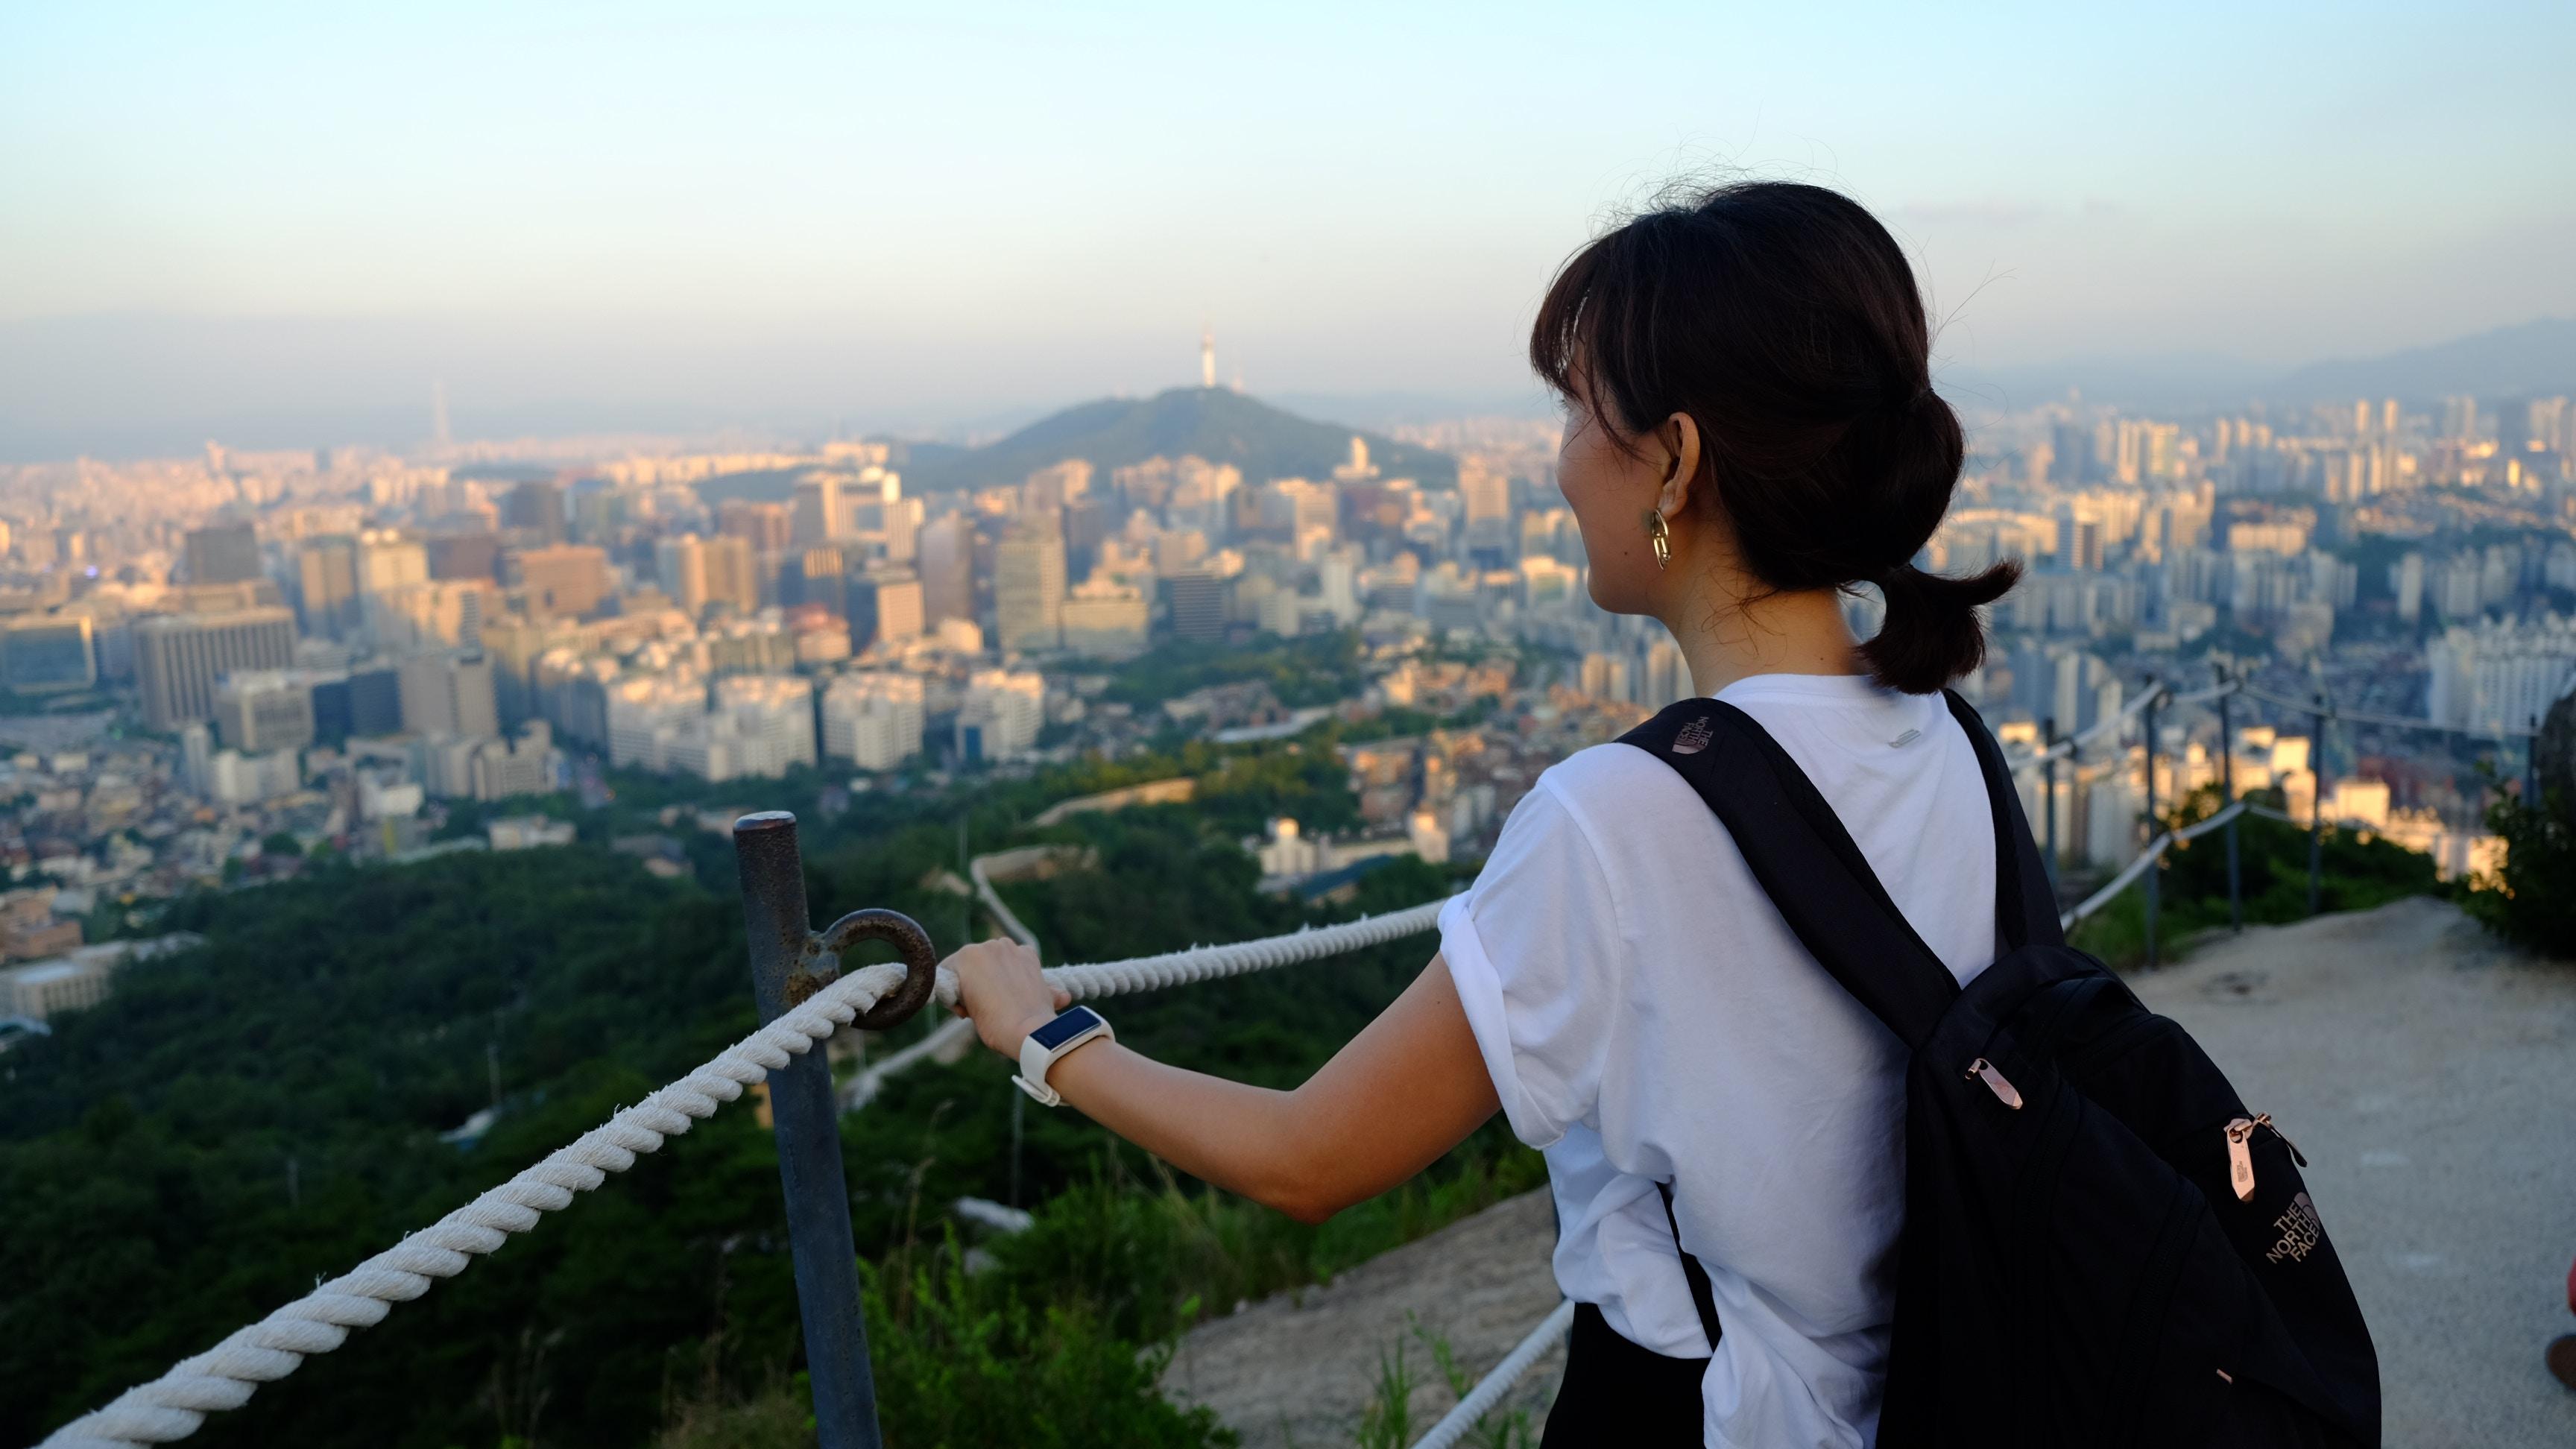 Utazás kevés pénzből? 10 tipp, hogy Neked is sikerüljön!